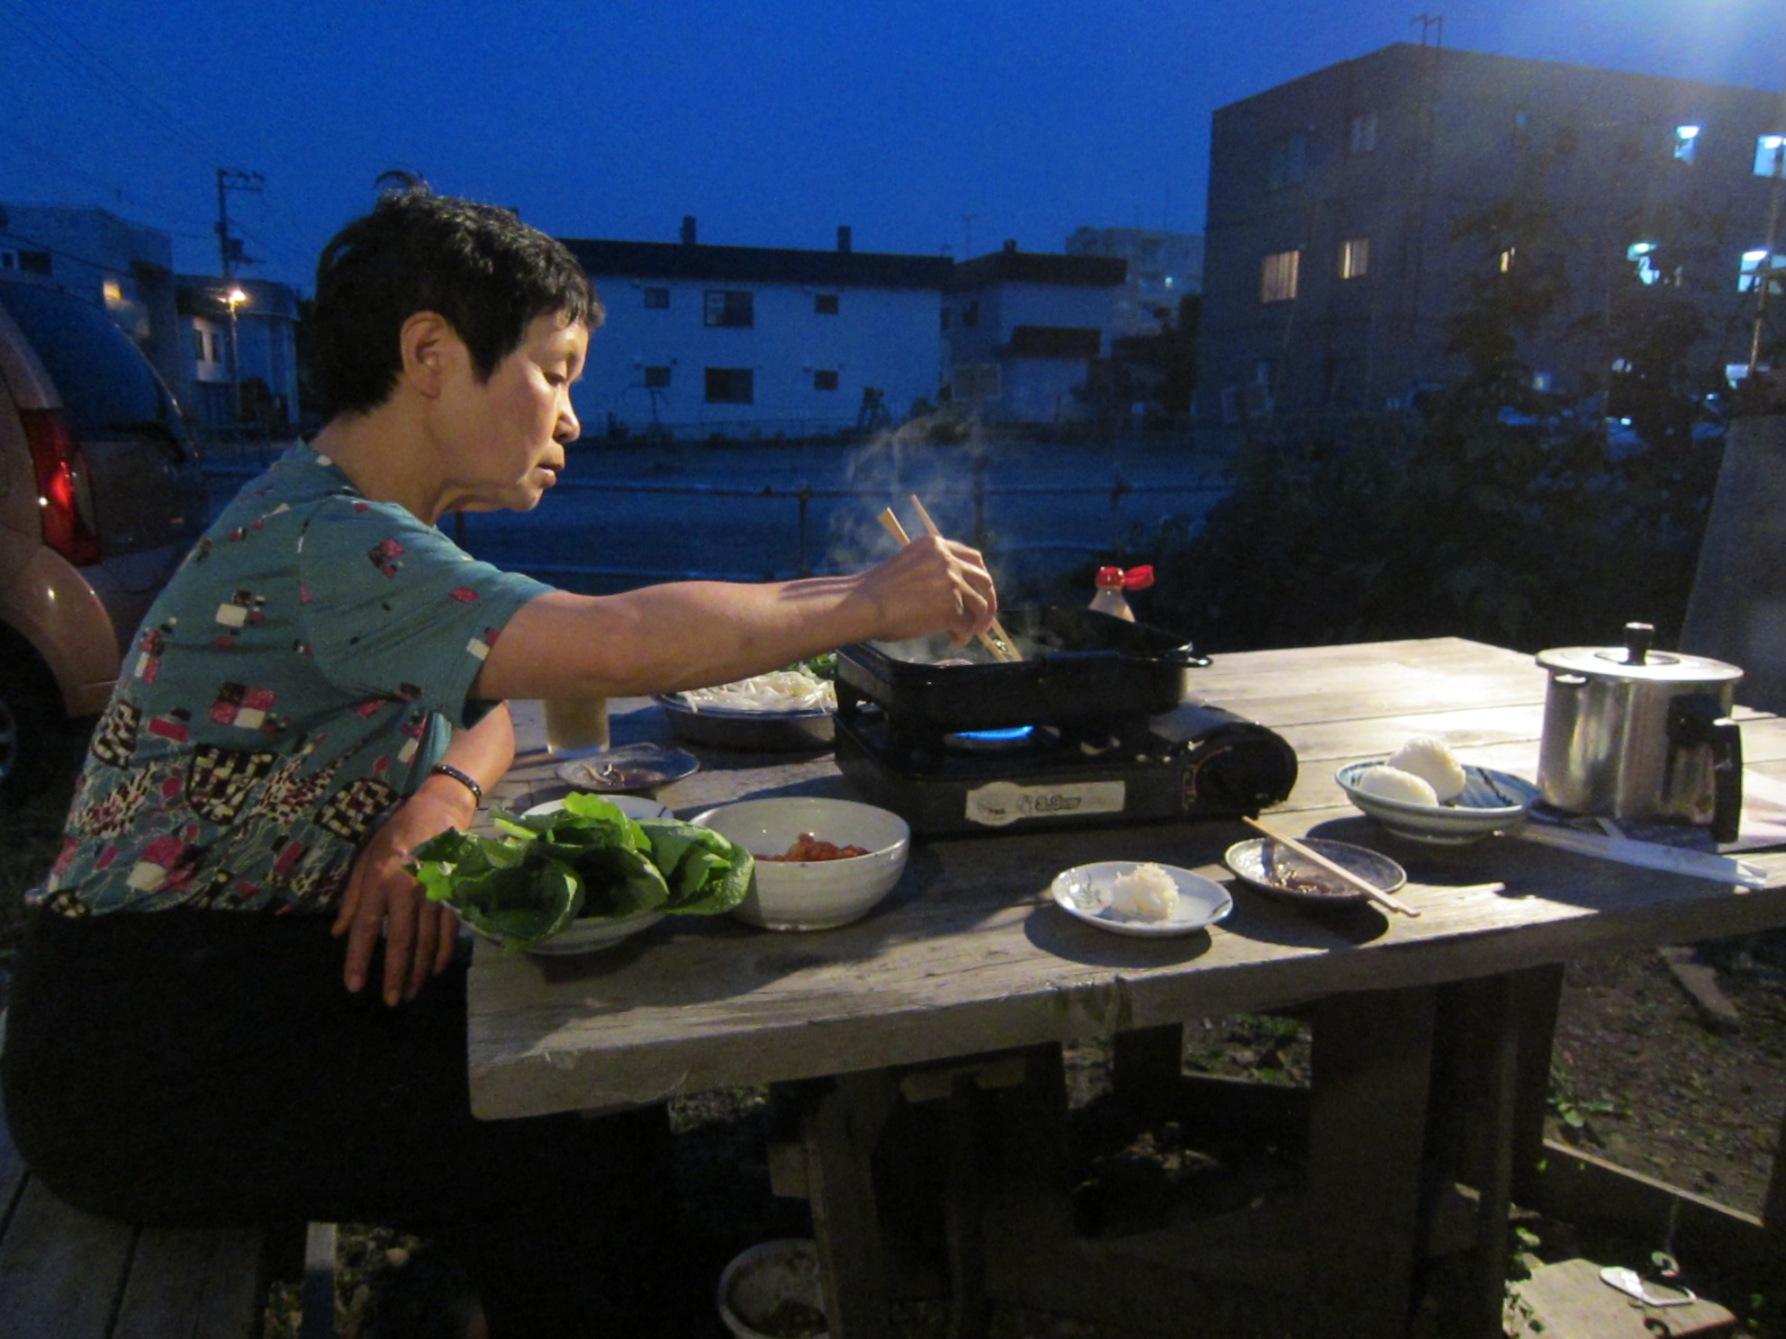 2416)「昨夜は庭で夕食をした。2014年7月17日(木)」_f0126829_16545428.jpg